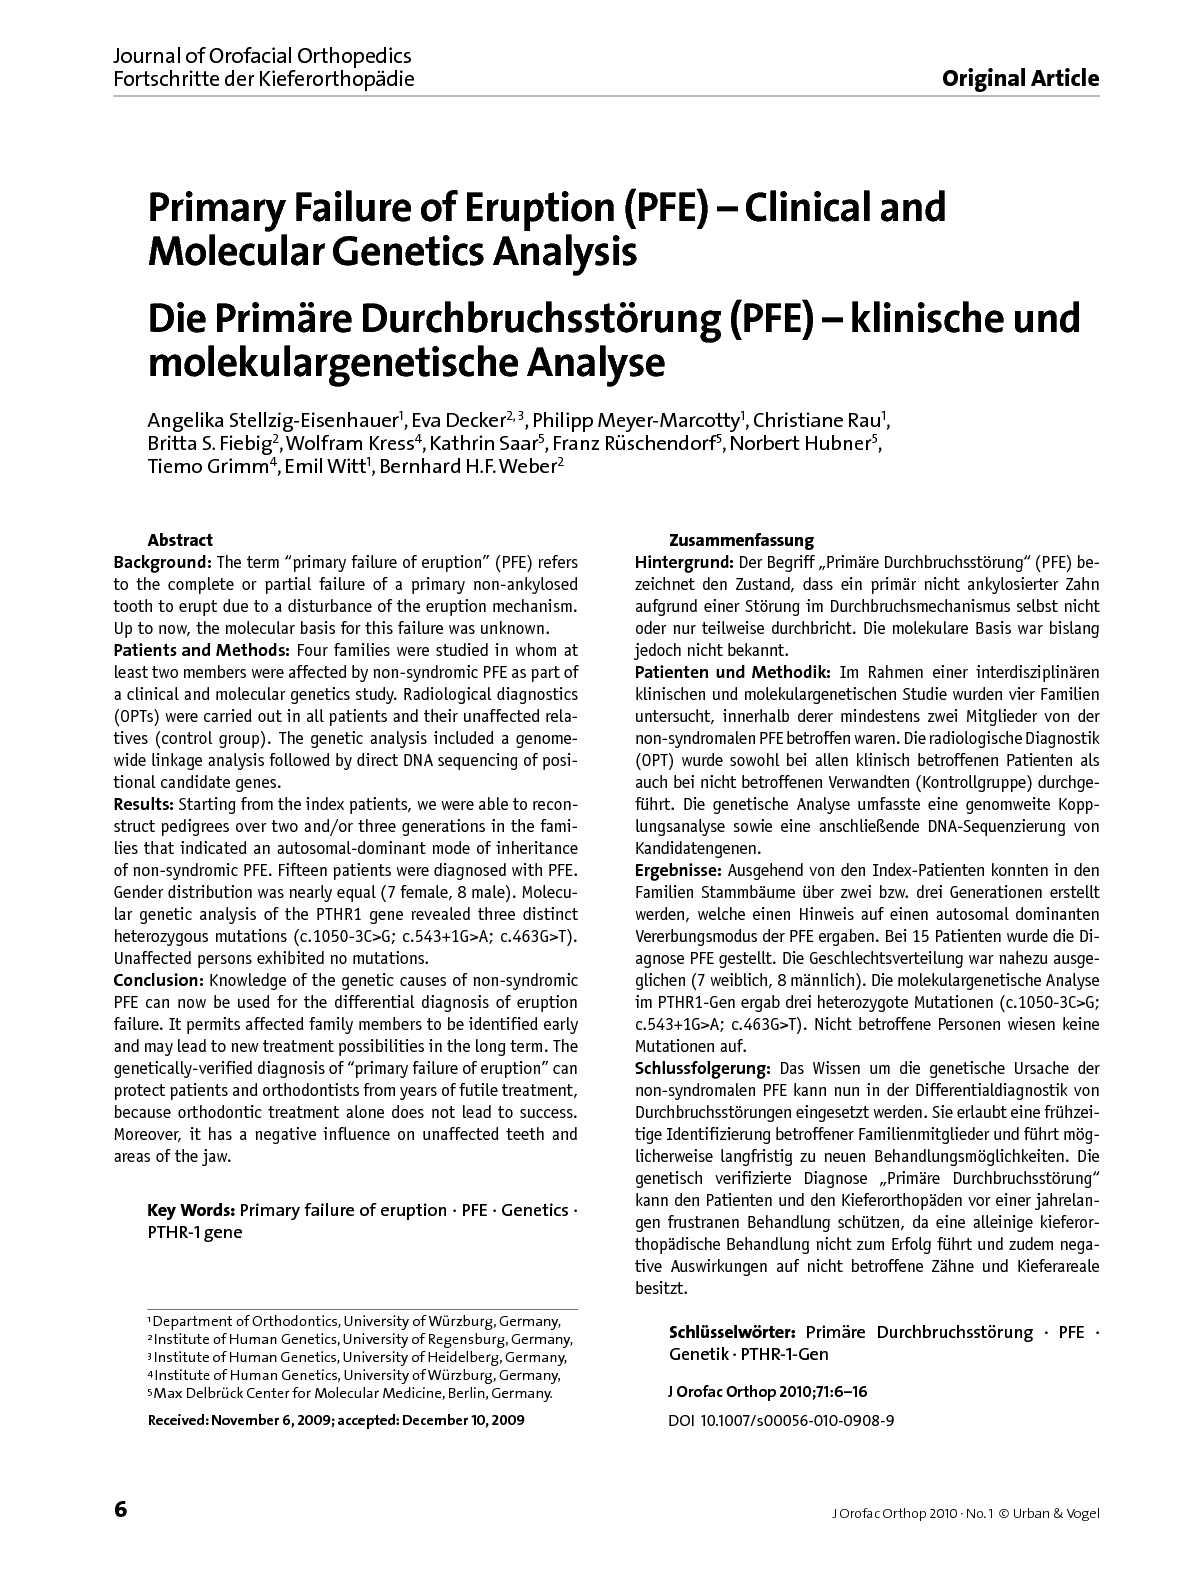 Calaméo - Journal of Orofacial Orthopedics Vol 71 num 1 january 2010